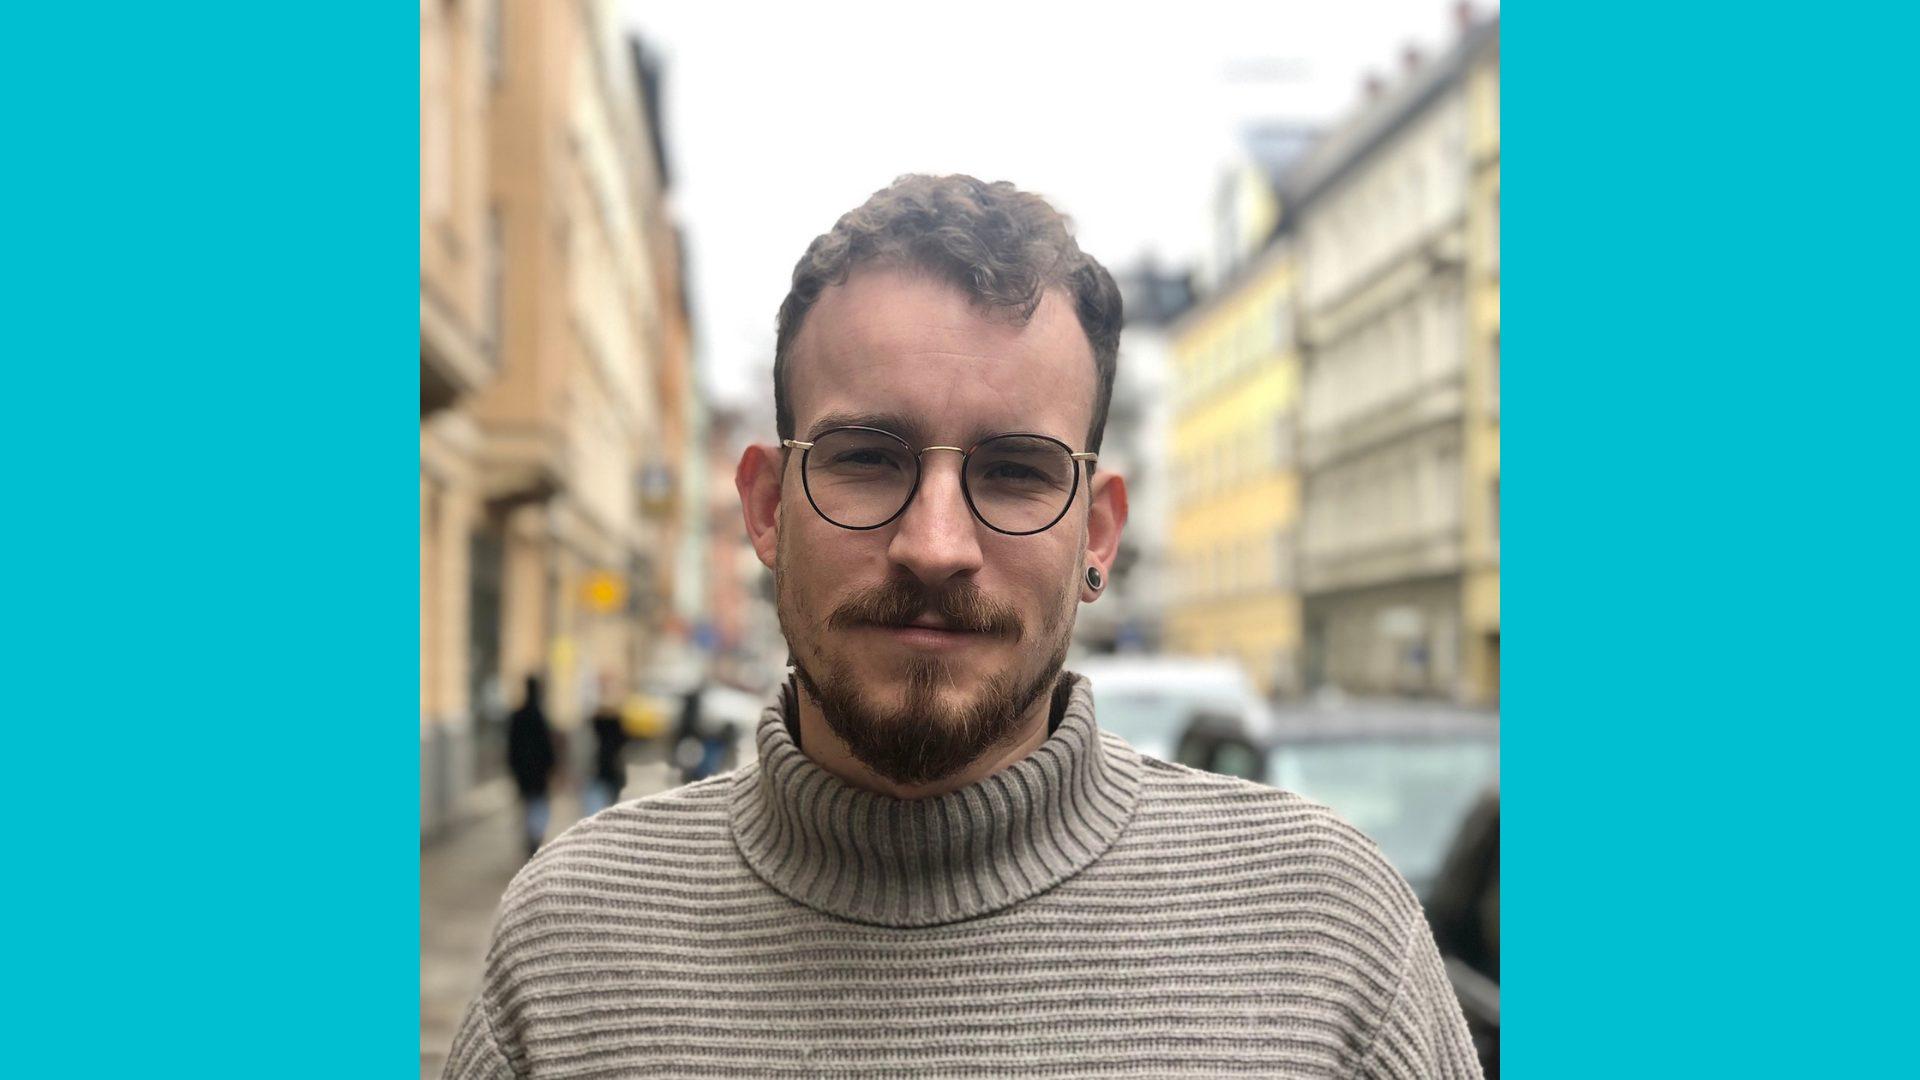 Portrait von Linus Schulte vom Referat für Stadtverbesserung in München